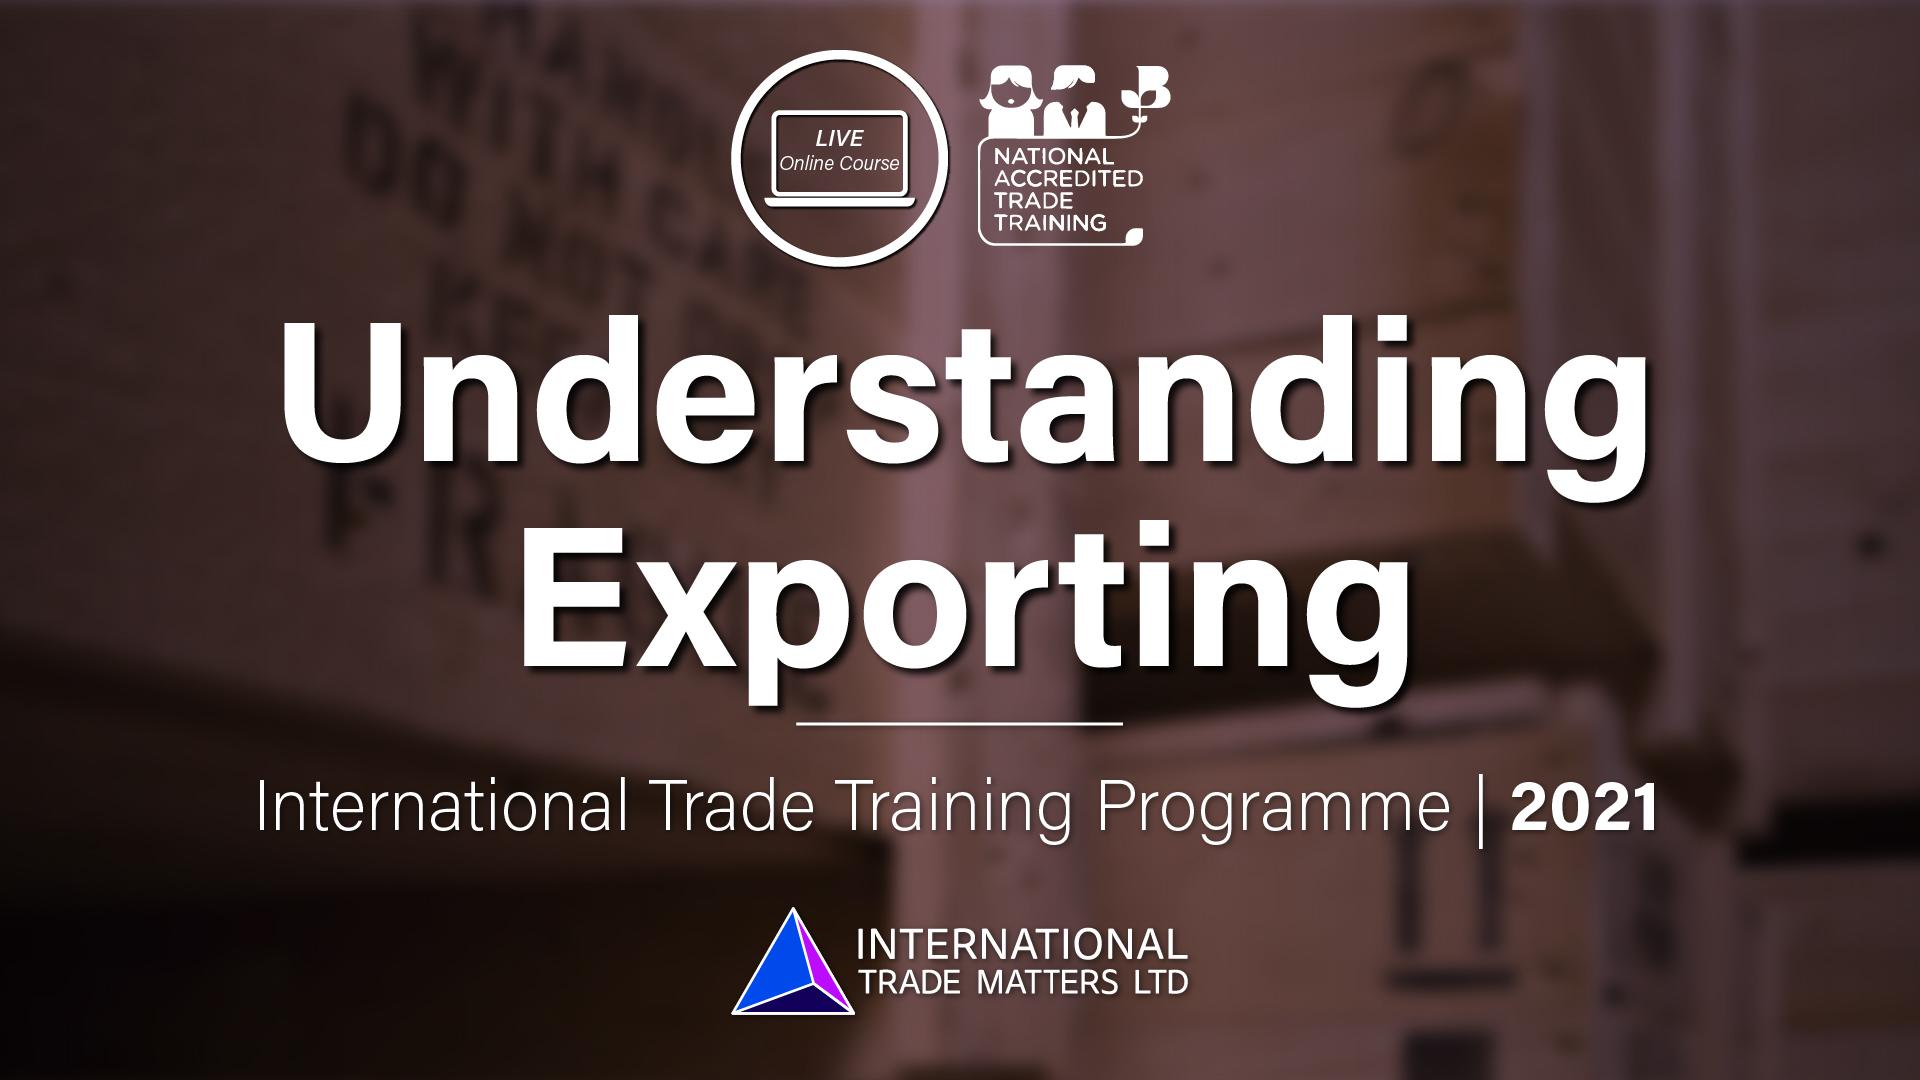 Understanding Exporting - An Online Course